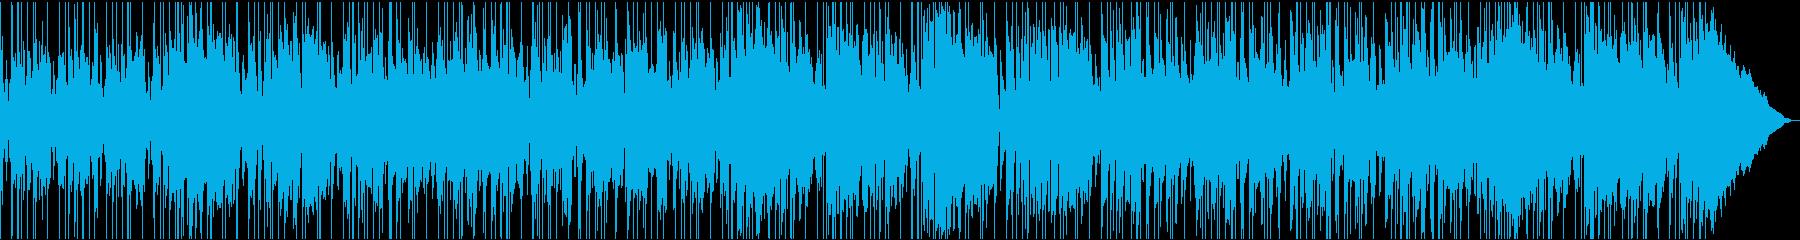 アグレッシブなレゲエロックの再生済みの波形